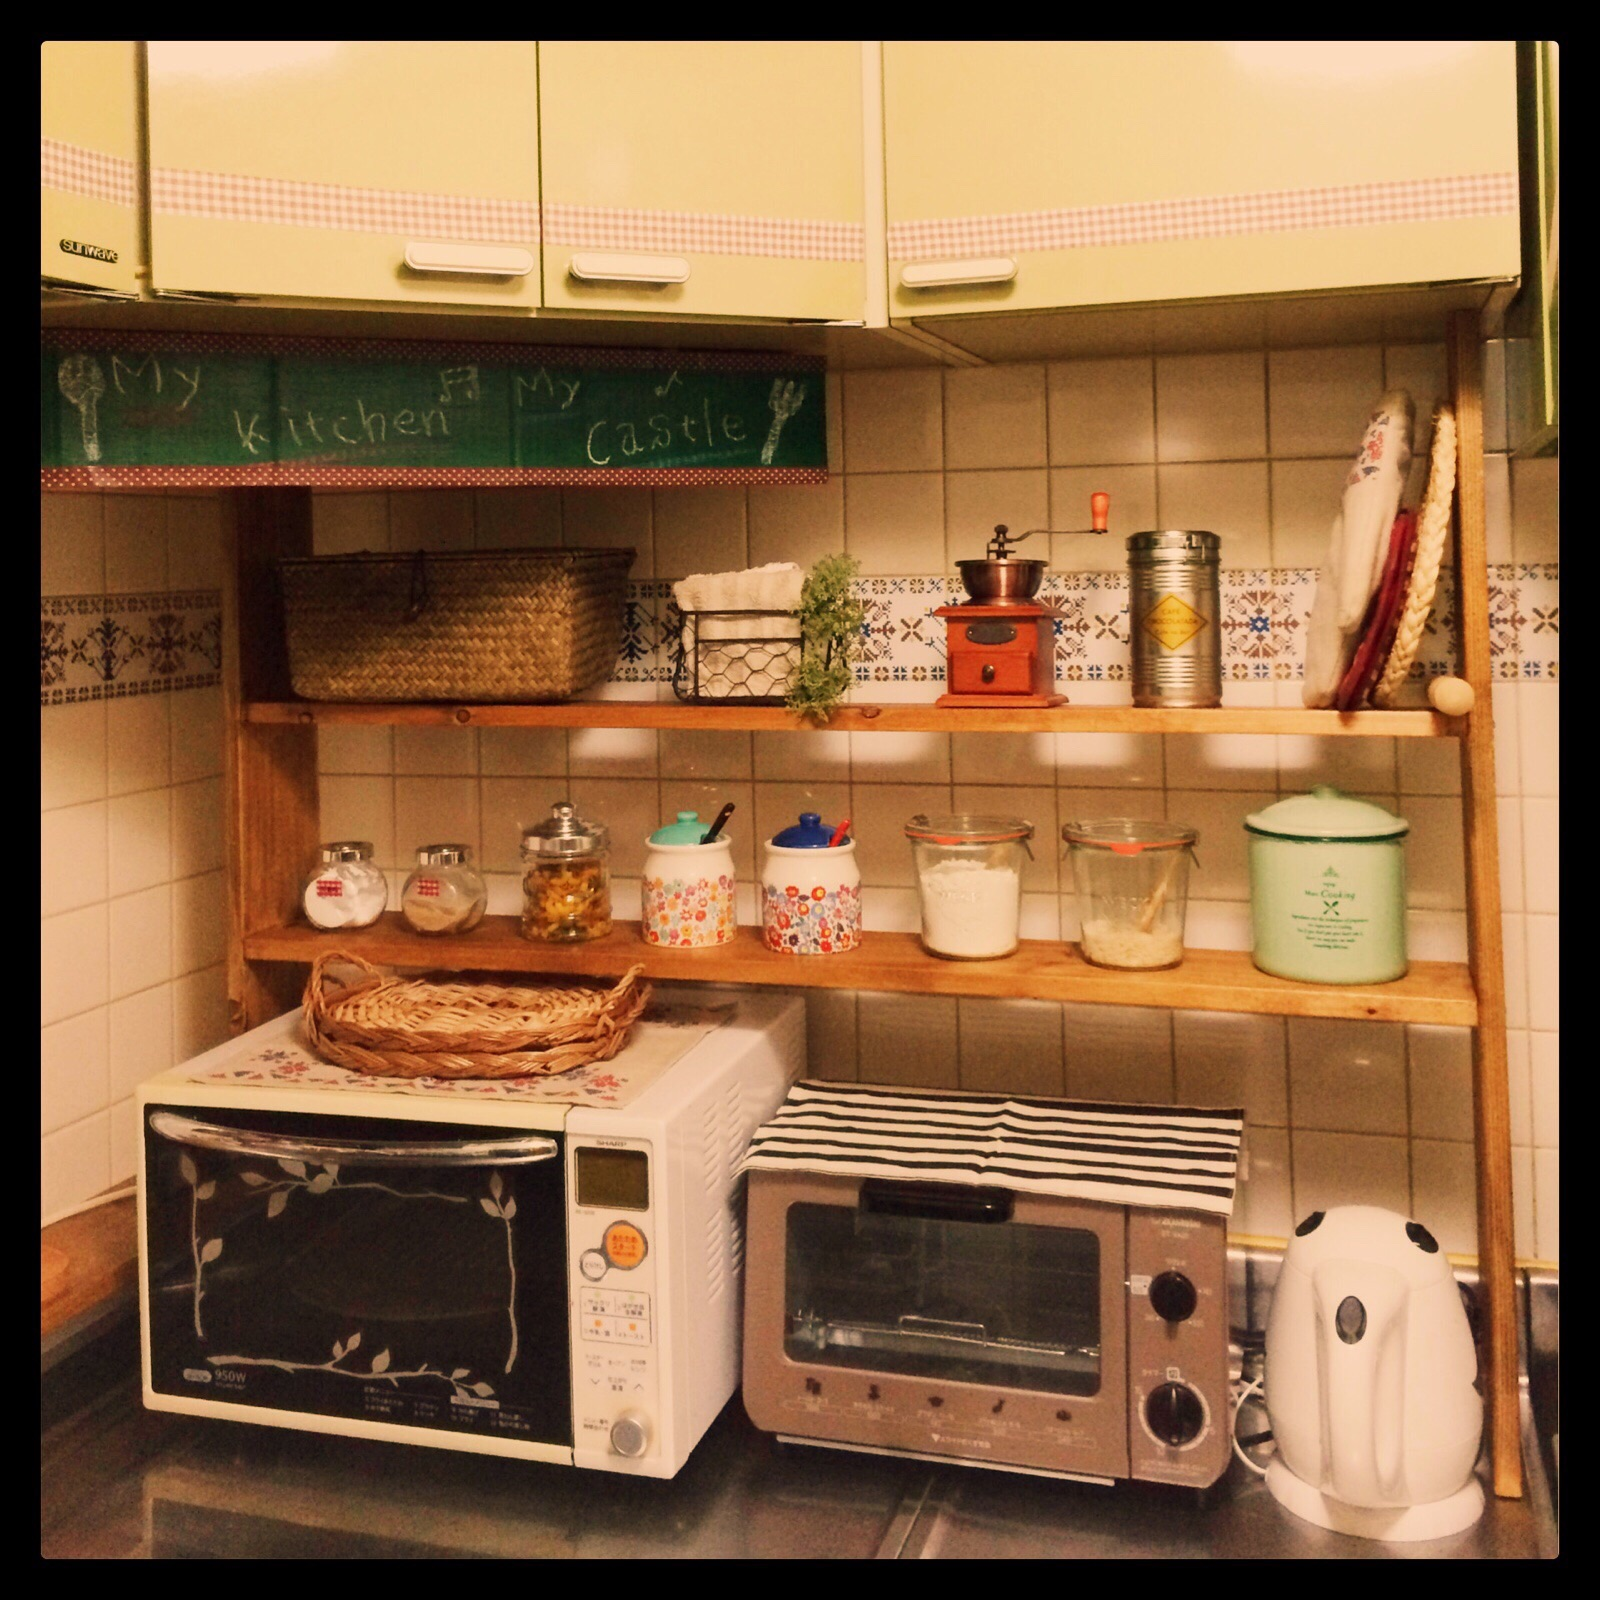 キッチン キッチン diy 棚 : ... キッチン棚DIY‼︎&お気に入り